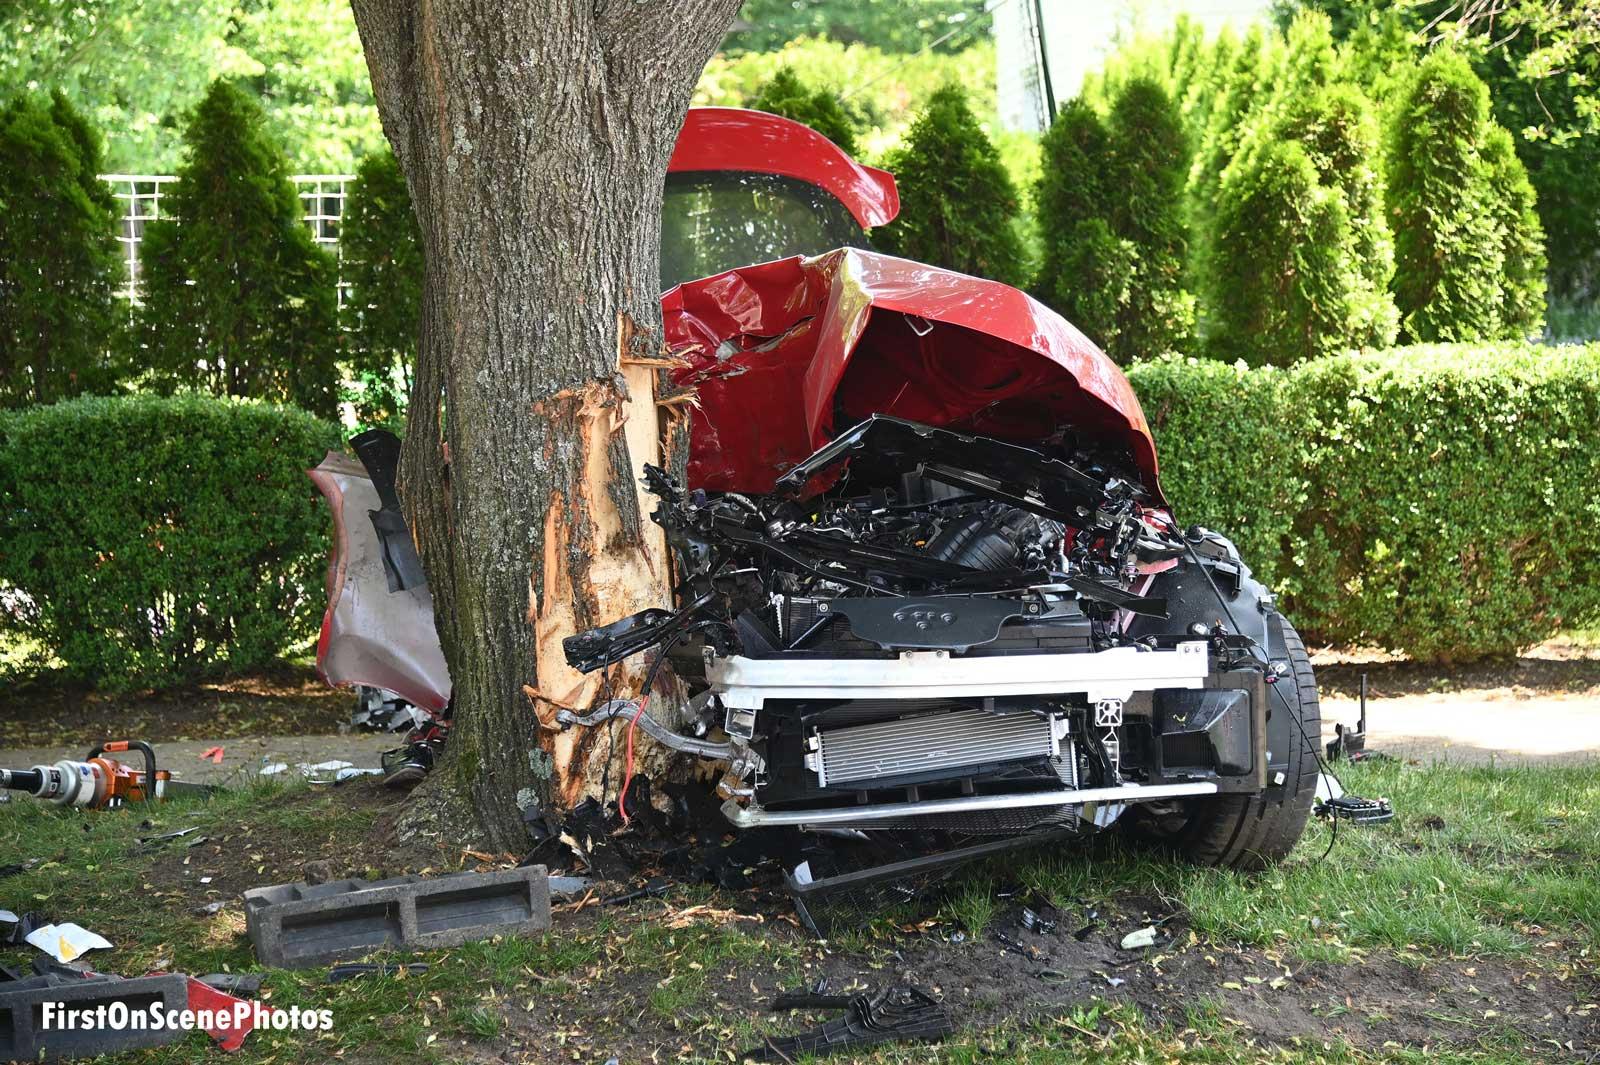 Vehicle smashed against tree